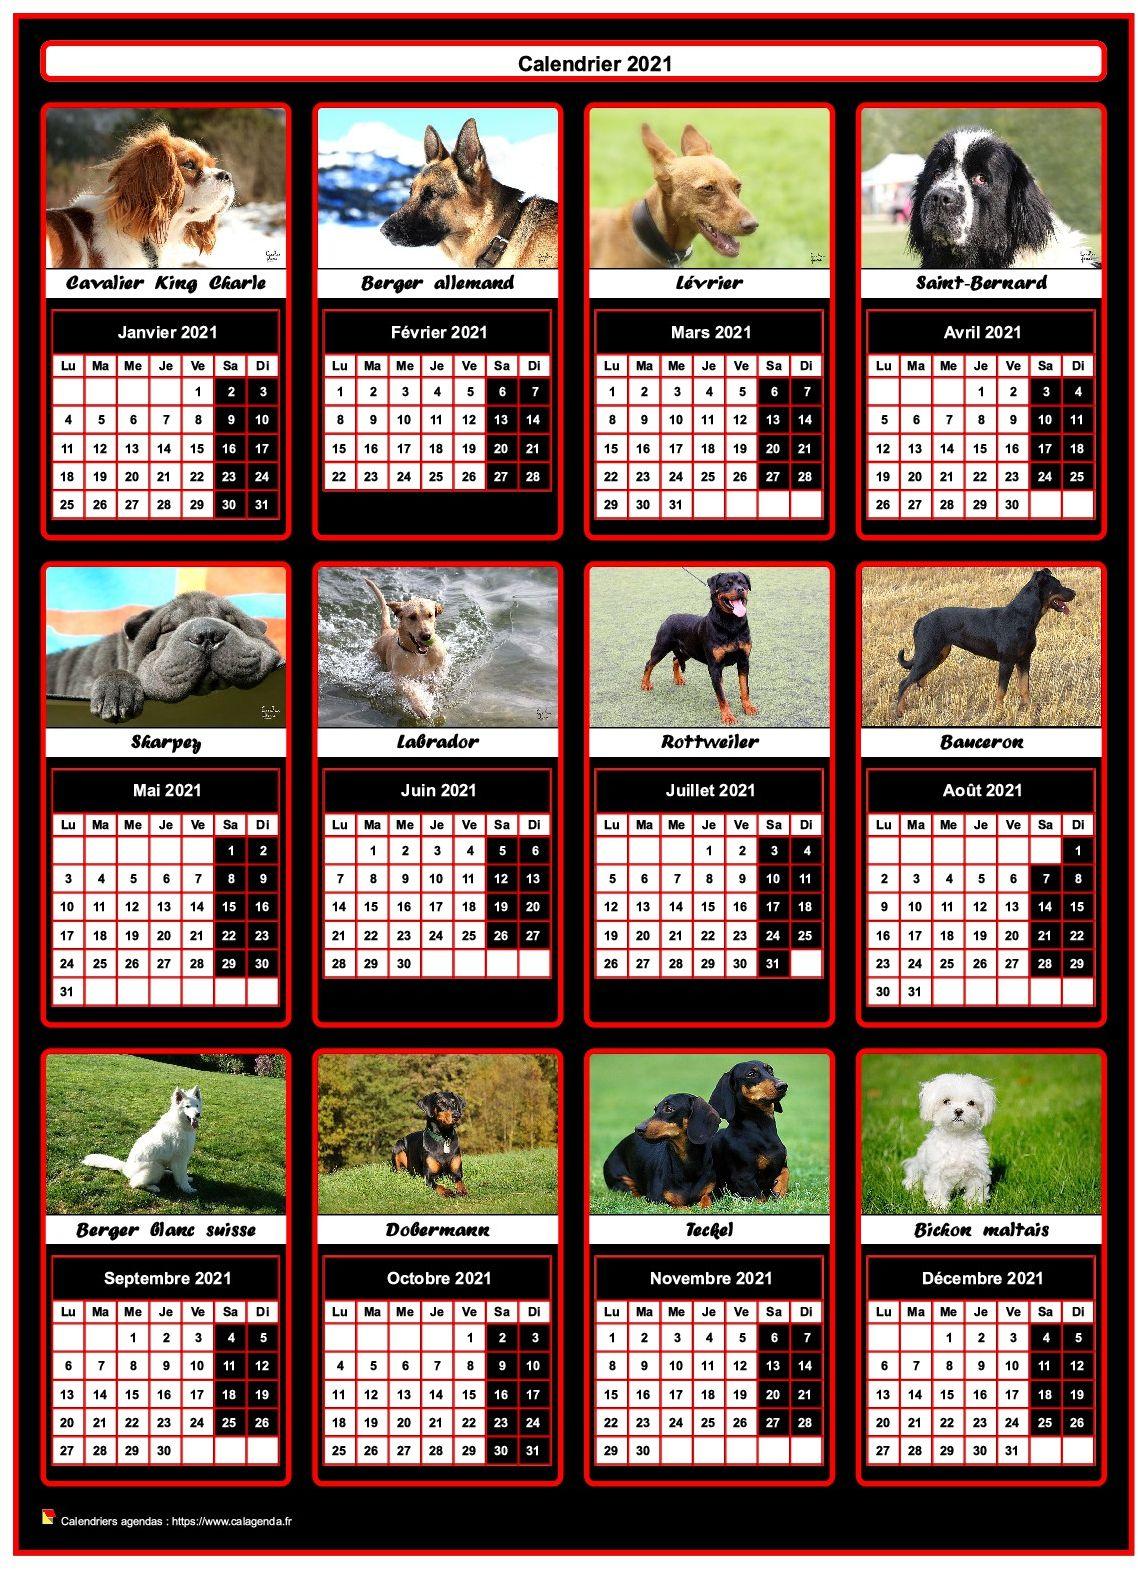 Calendrier 2021 annuel, 12 chiens de race